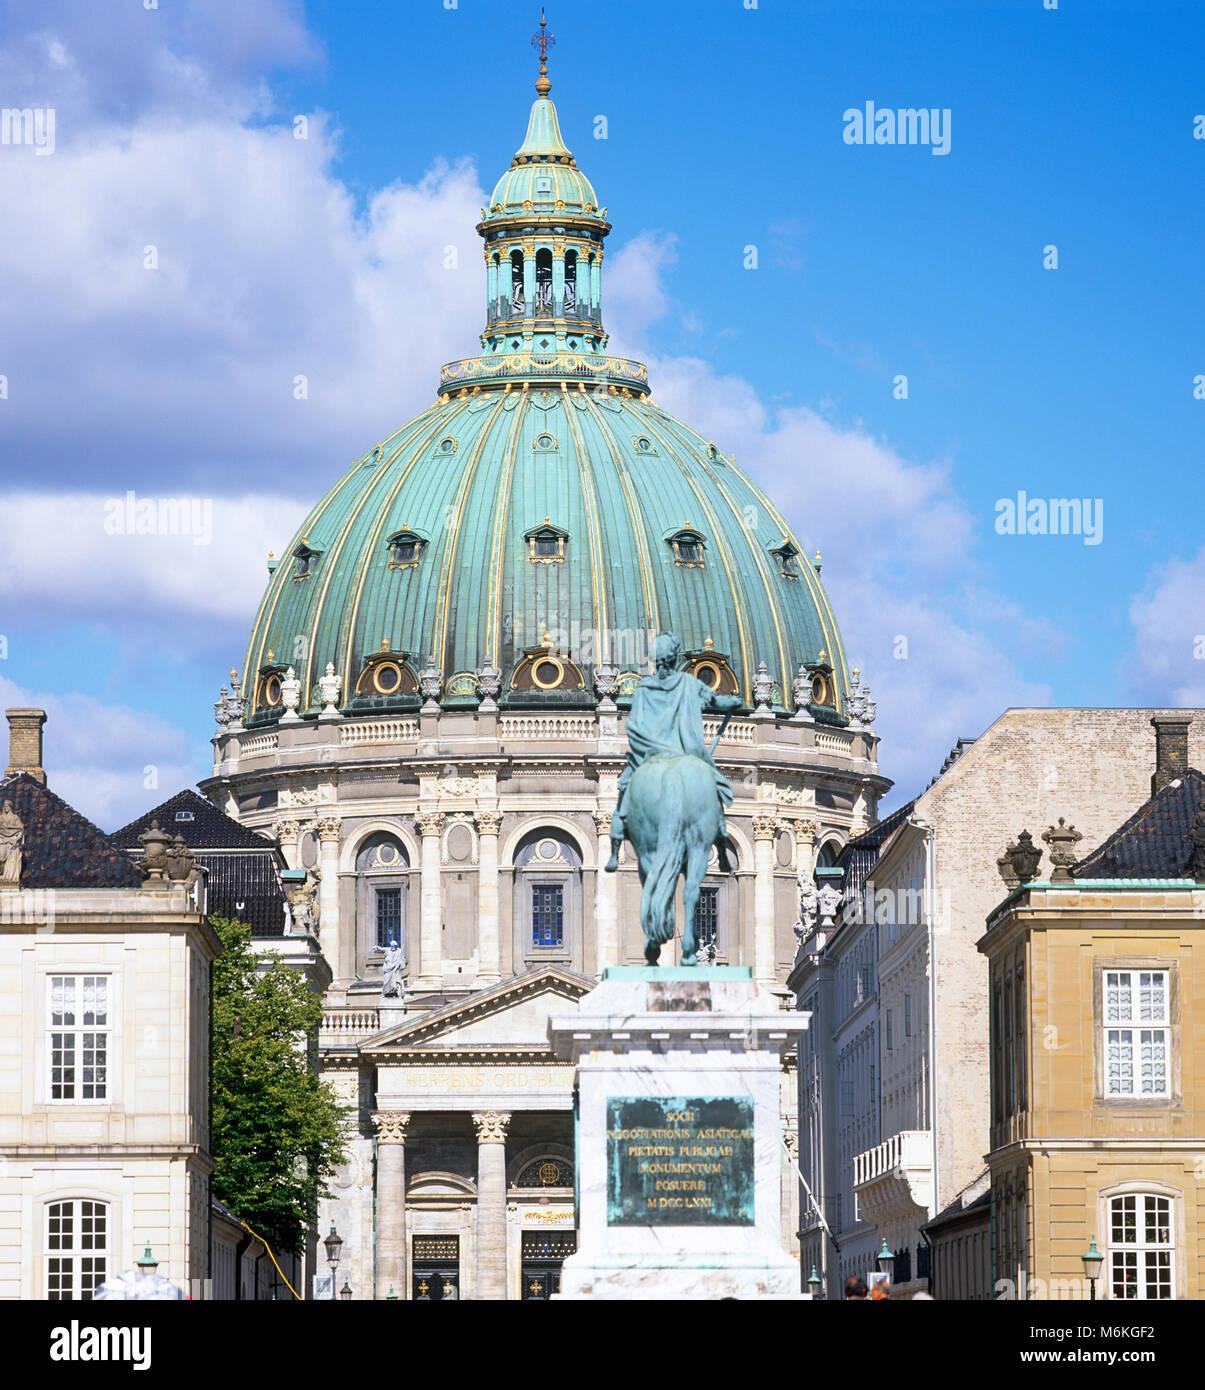 Frederikskirken, aka the Marble church, Copenhagen, Denmark - Stock Image